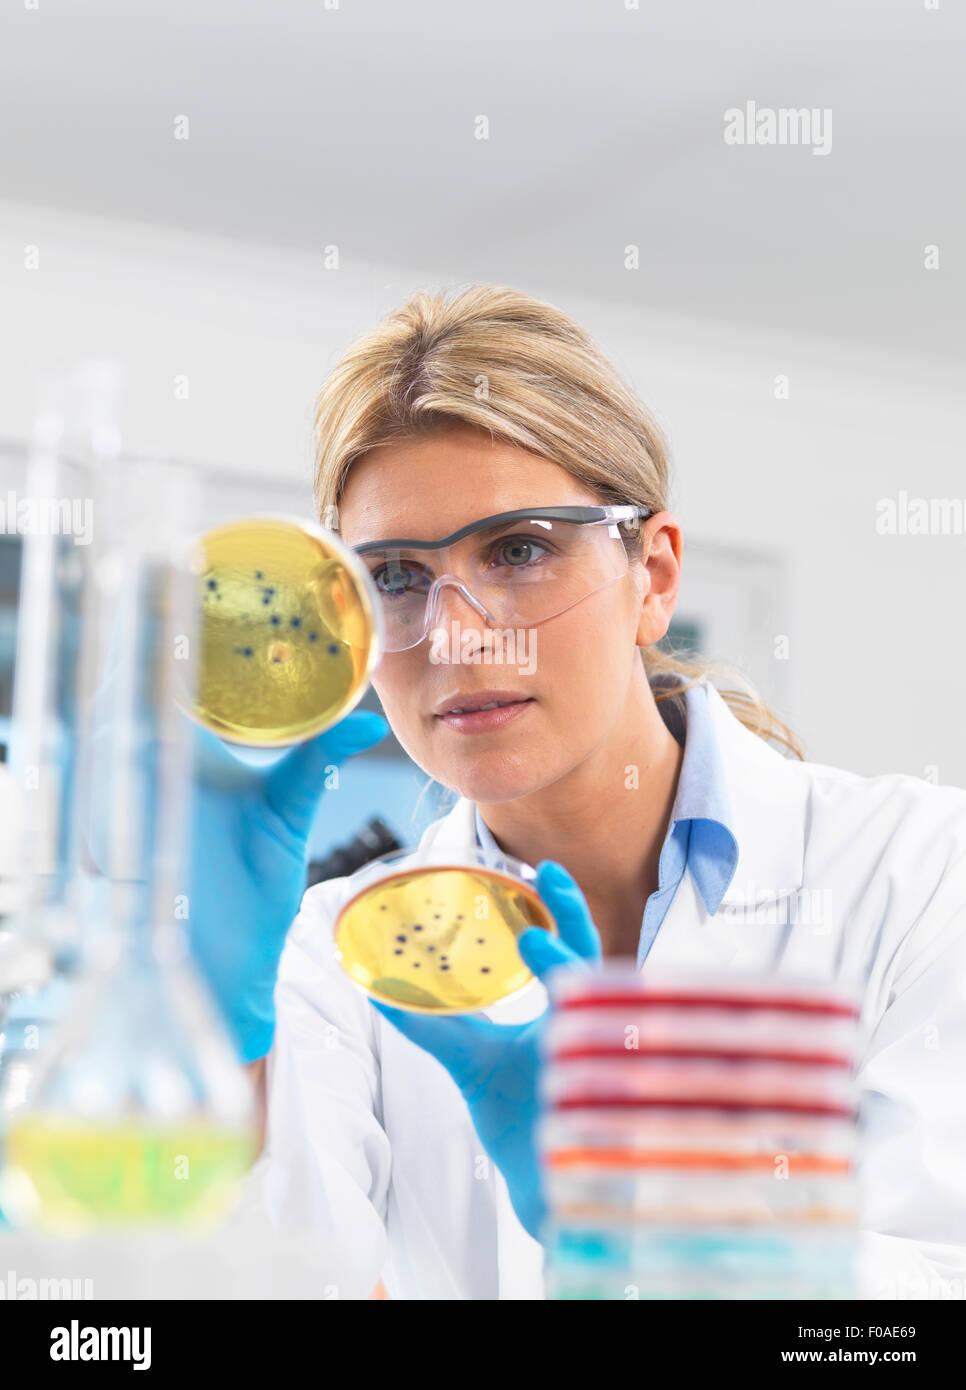 Affichage technicienne agar (milieu de culture) les plaques avec des bactéries dans un laboratoire Photo Stock